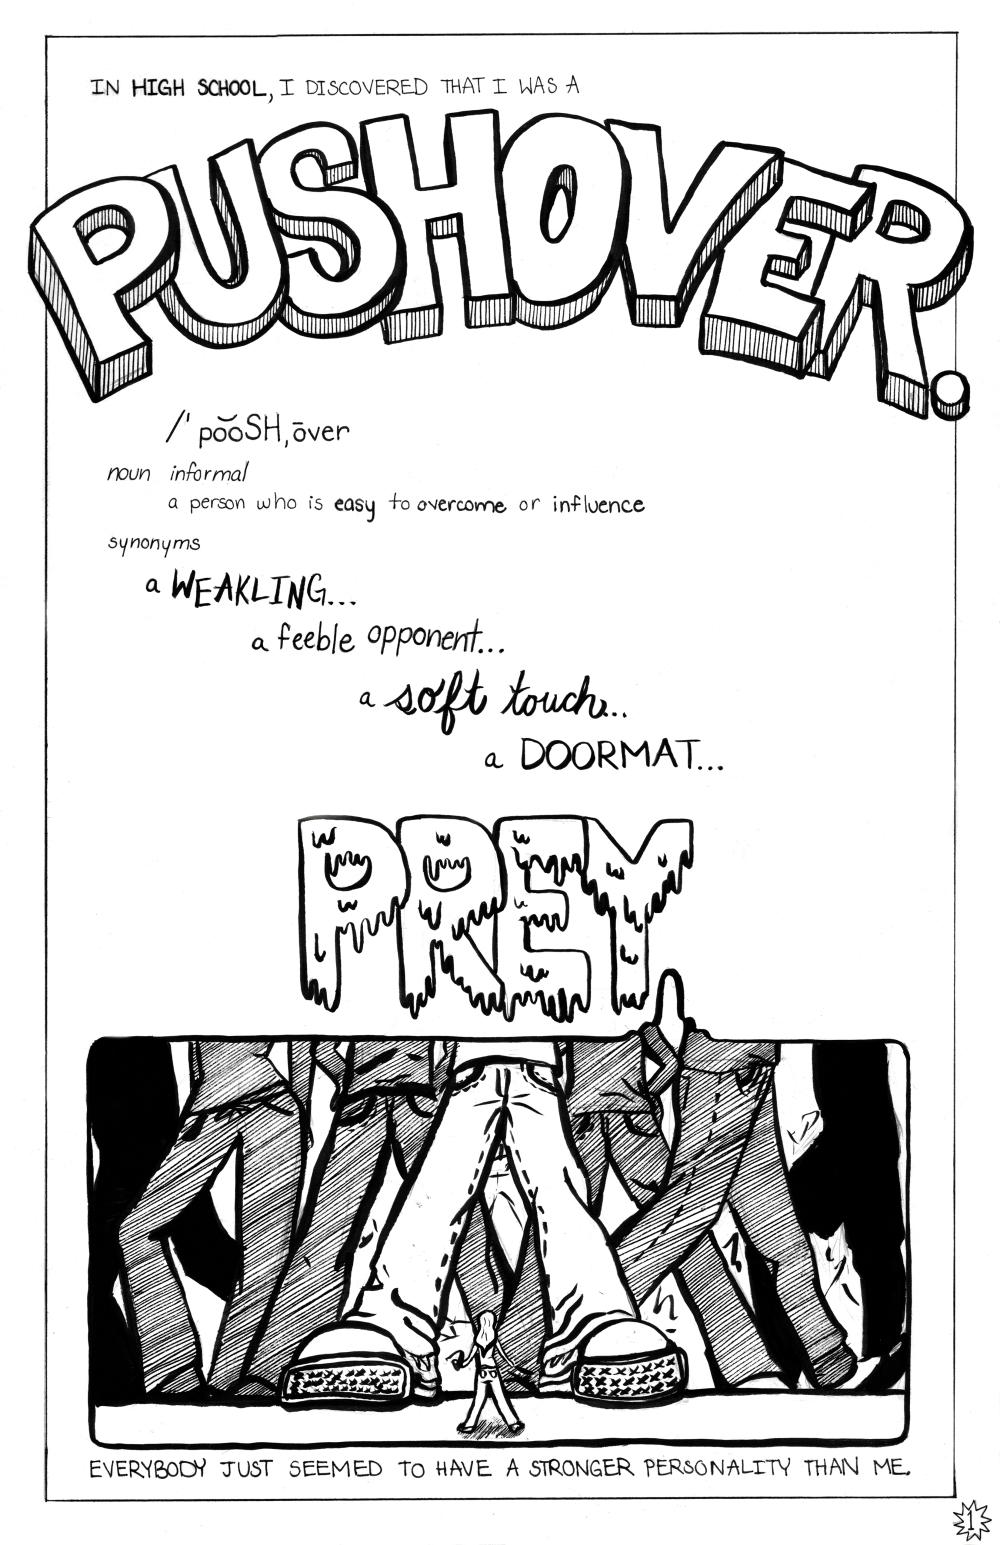 Pushover1